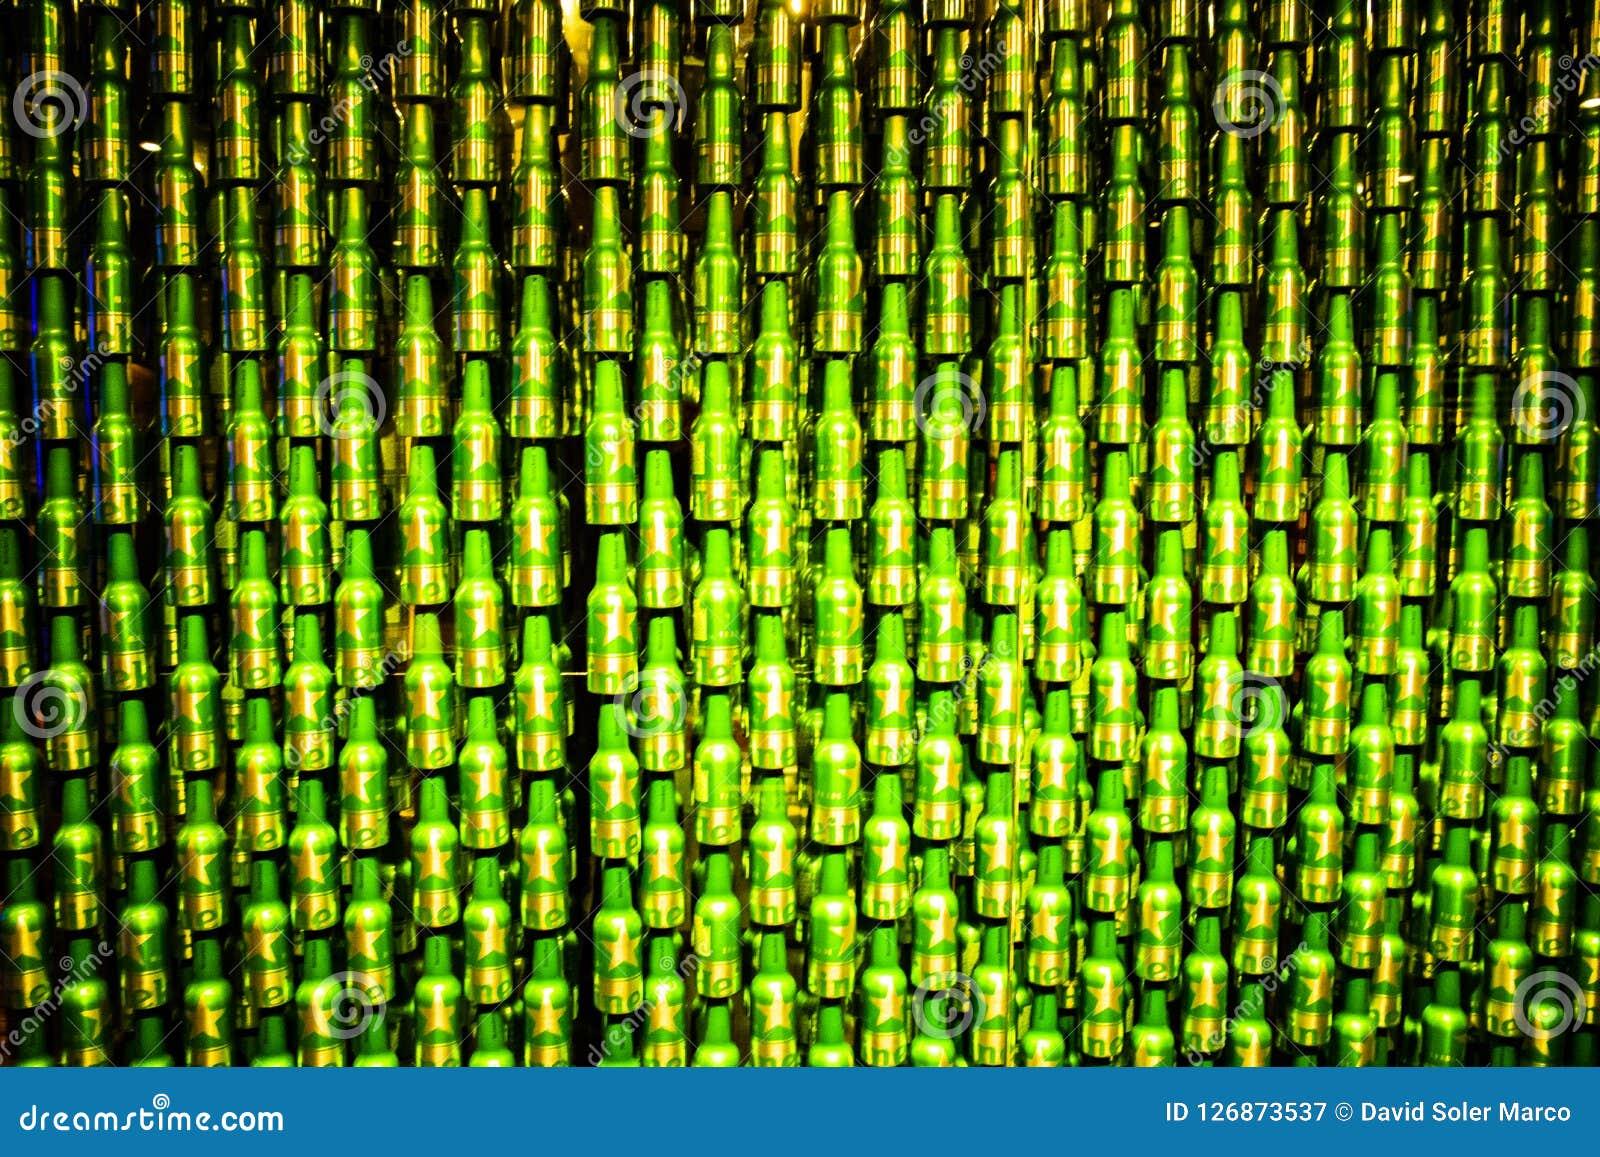 Beaucoup de bouteilles ont ensemble commandé la compilation extrême des bières de heineken